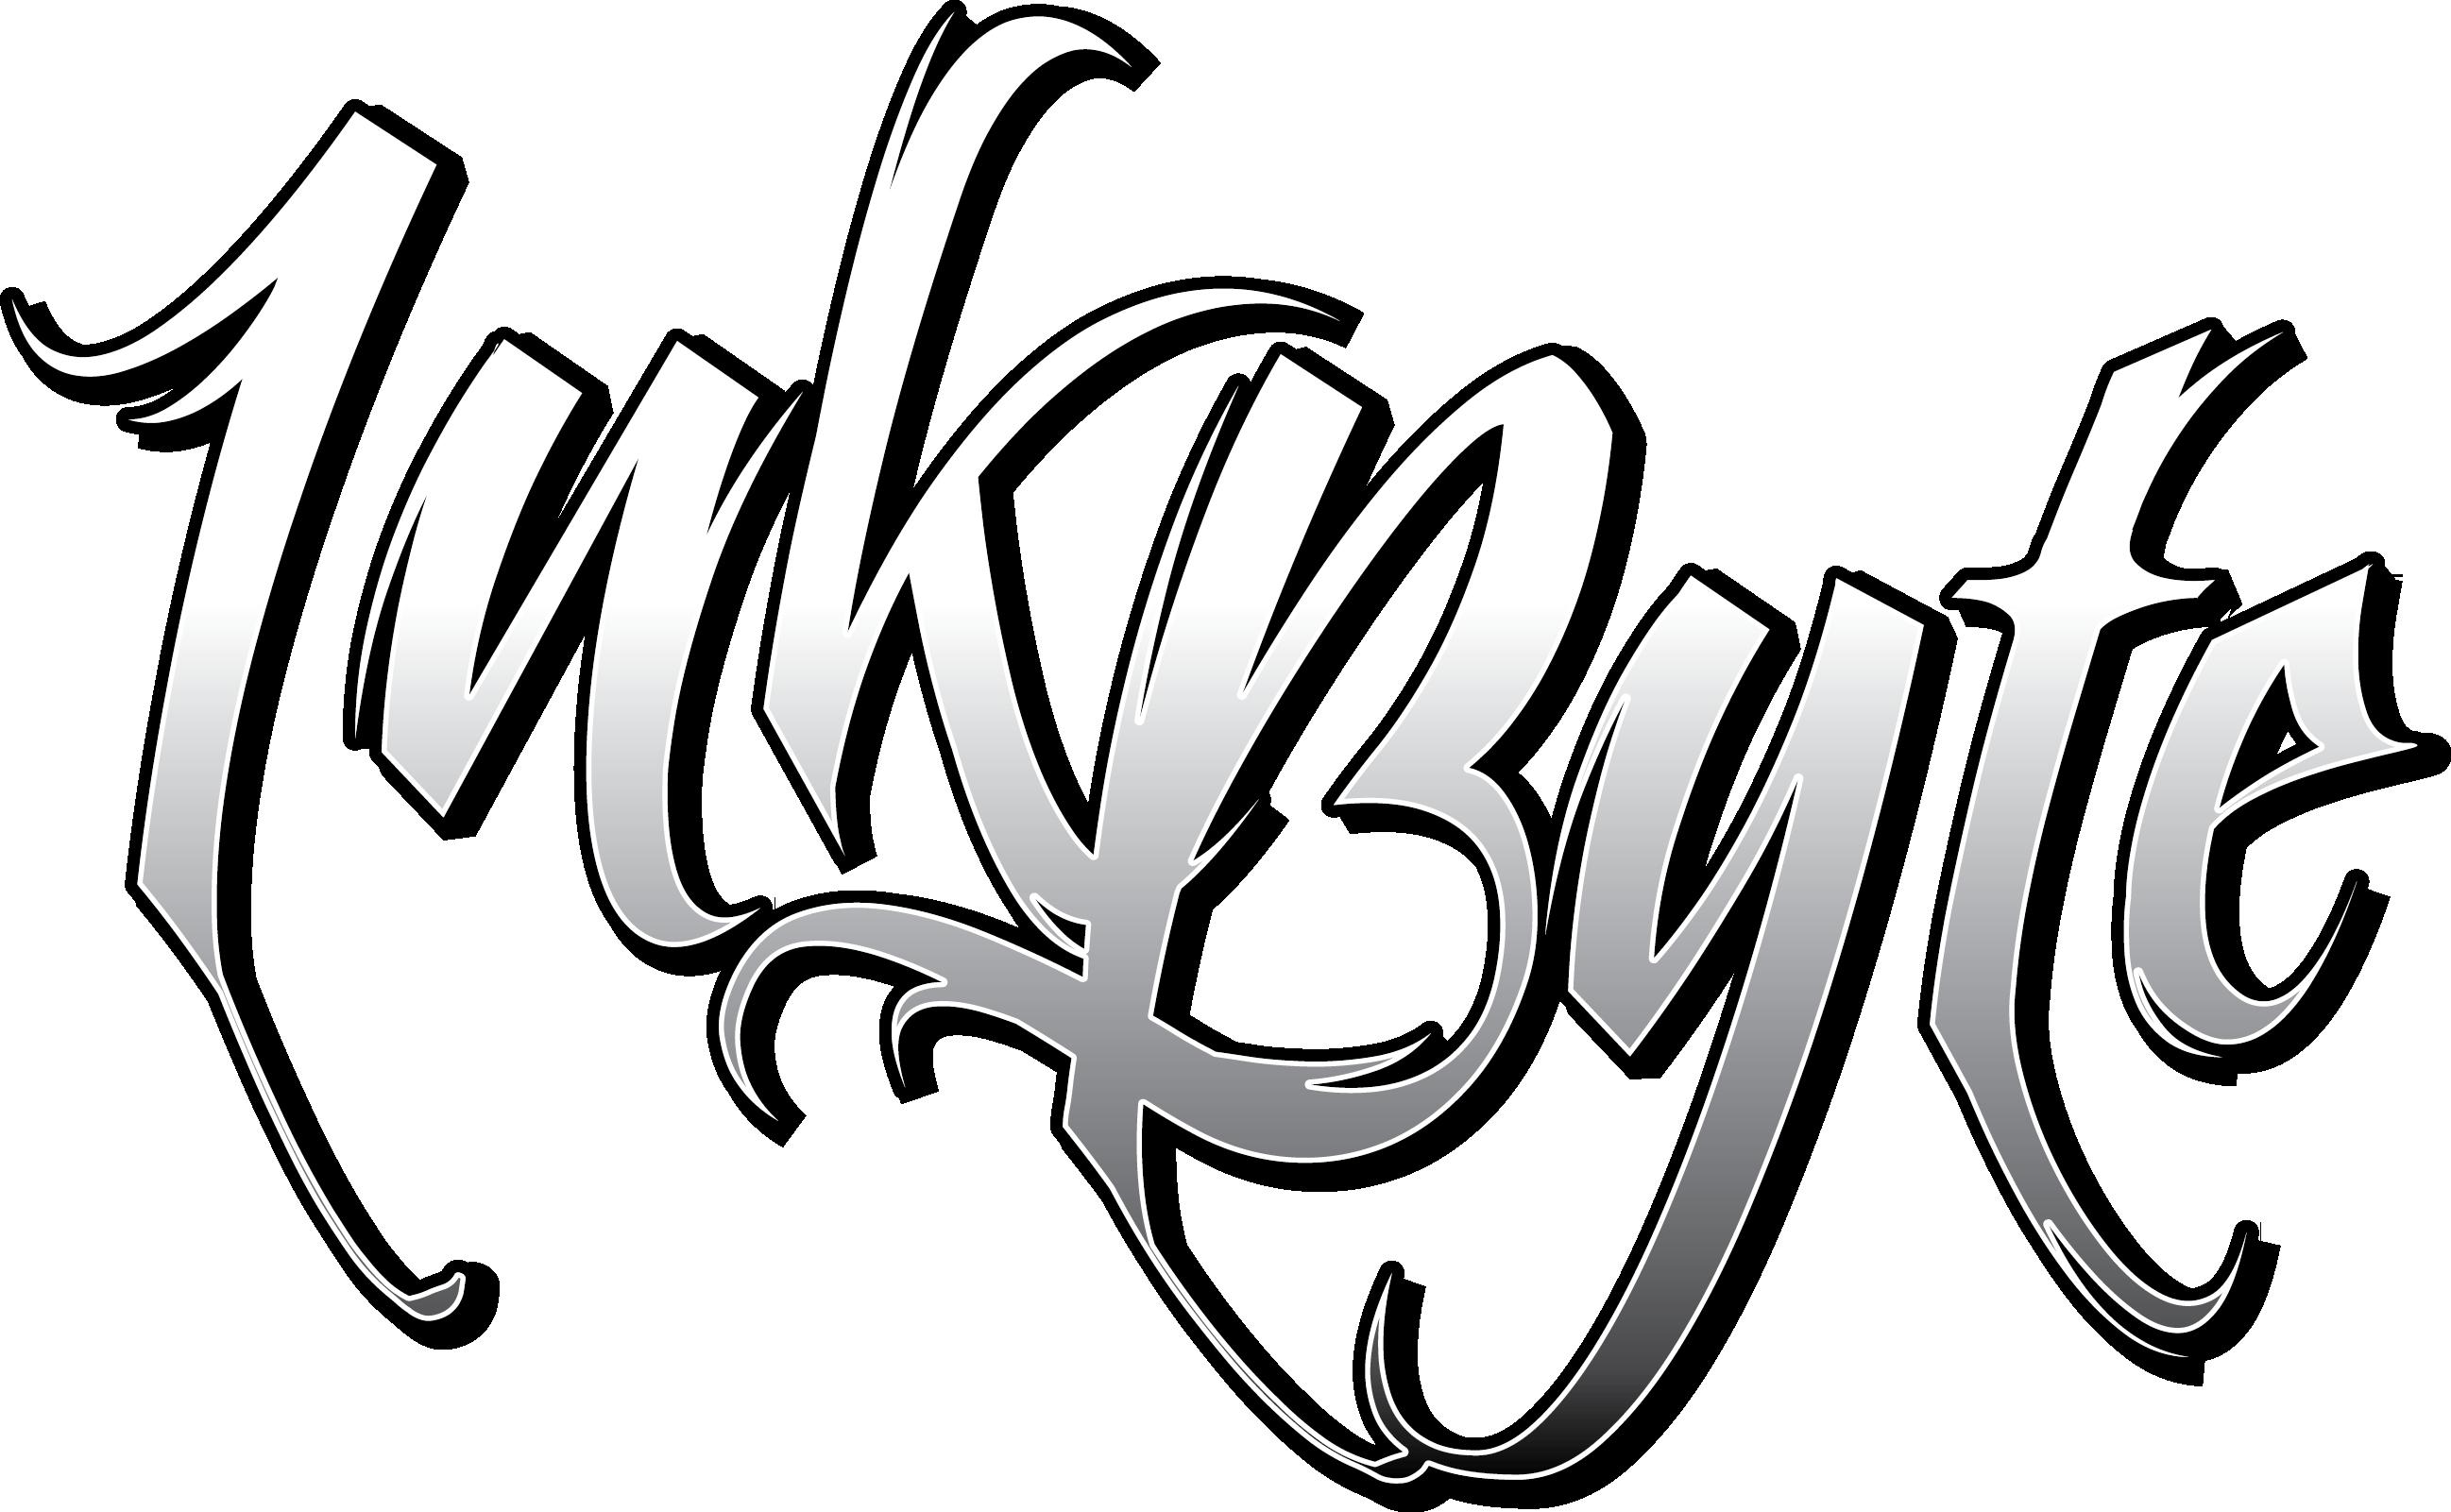 InkByte